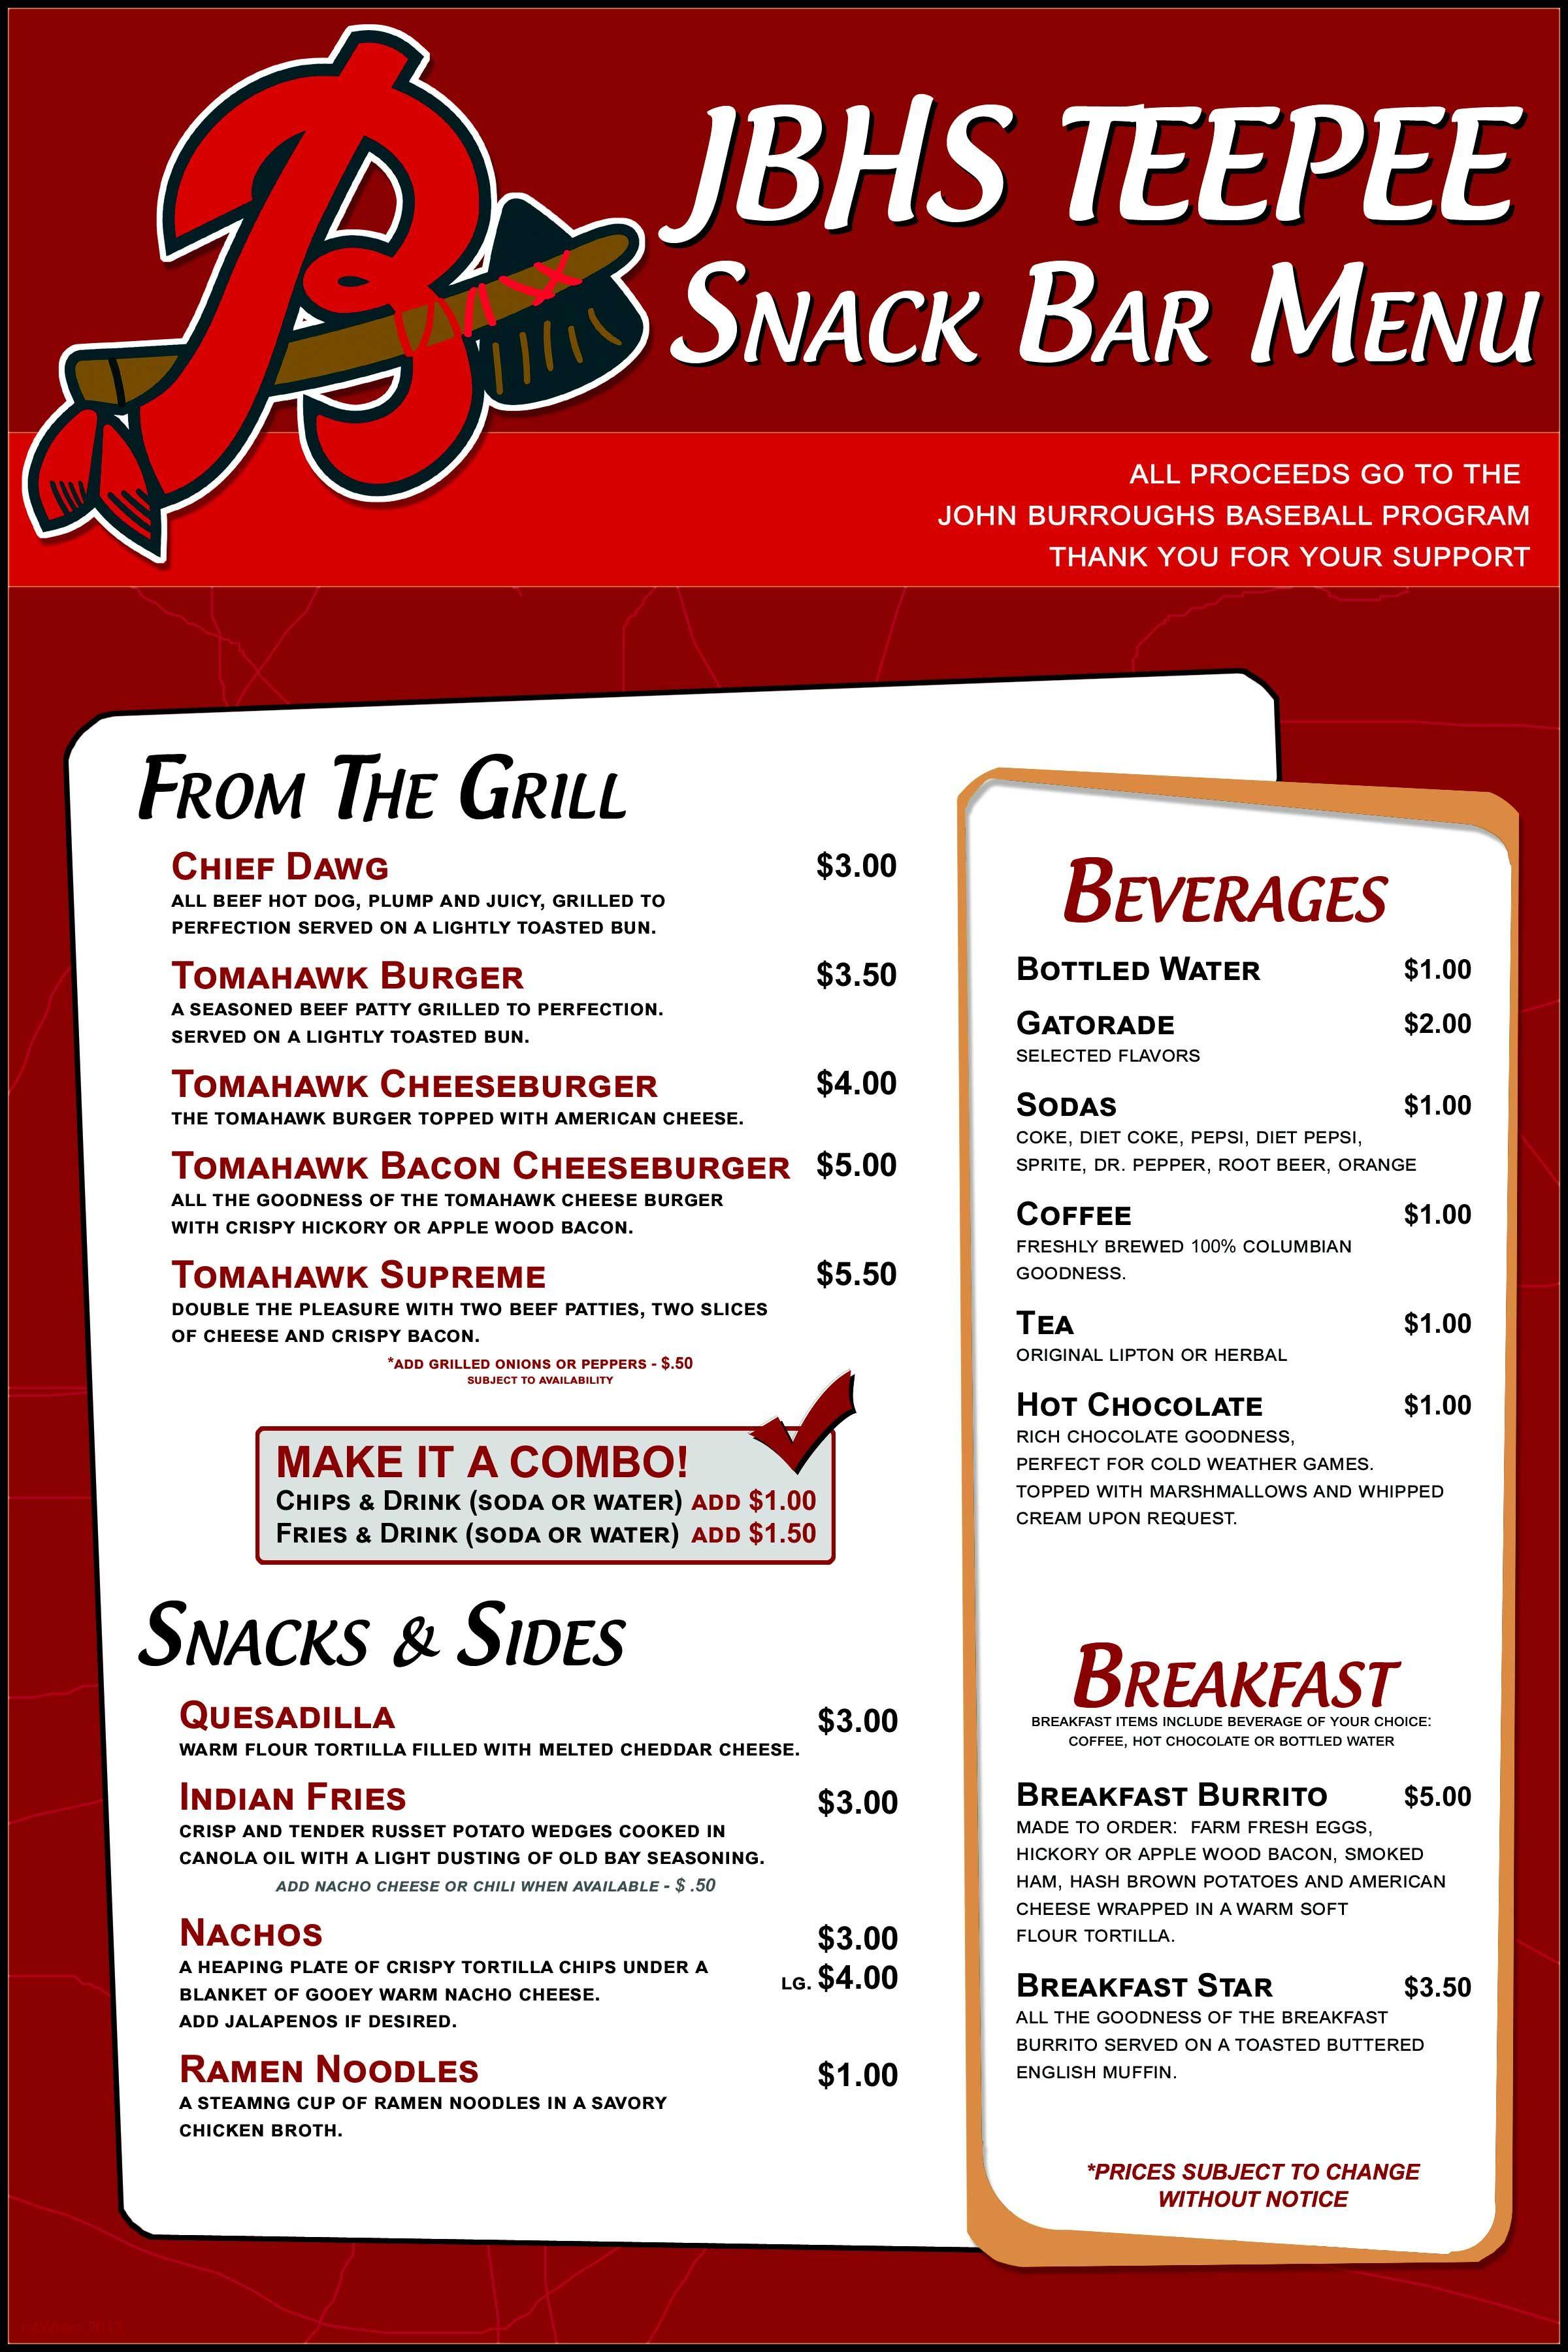 JBHS Teepee Snack Bar Menu | Menu Board | Pinterest | Menu and Snacks